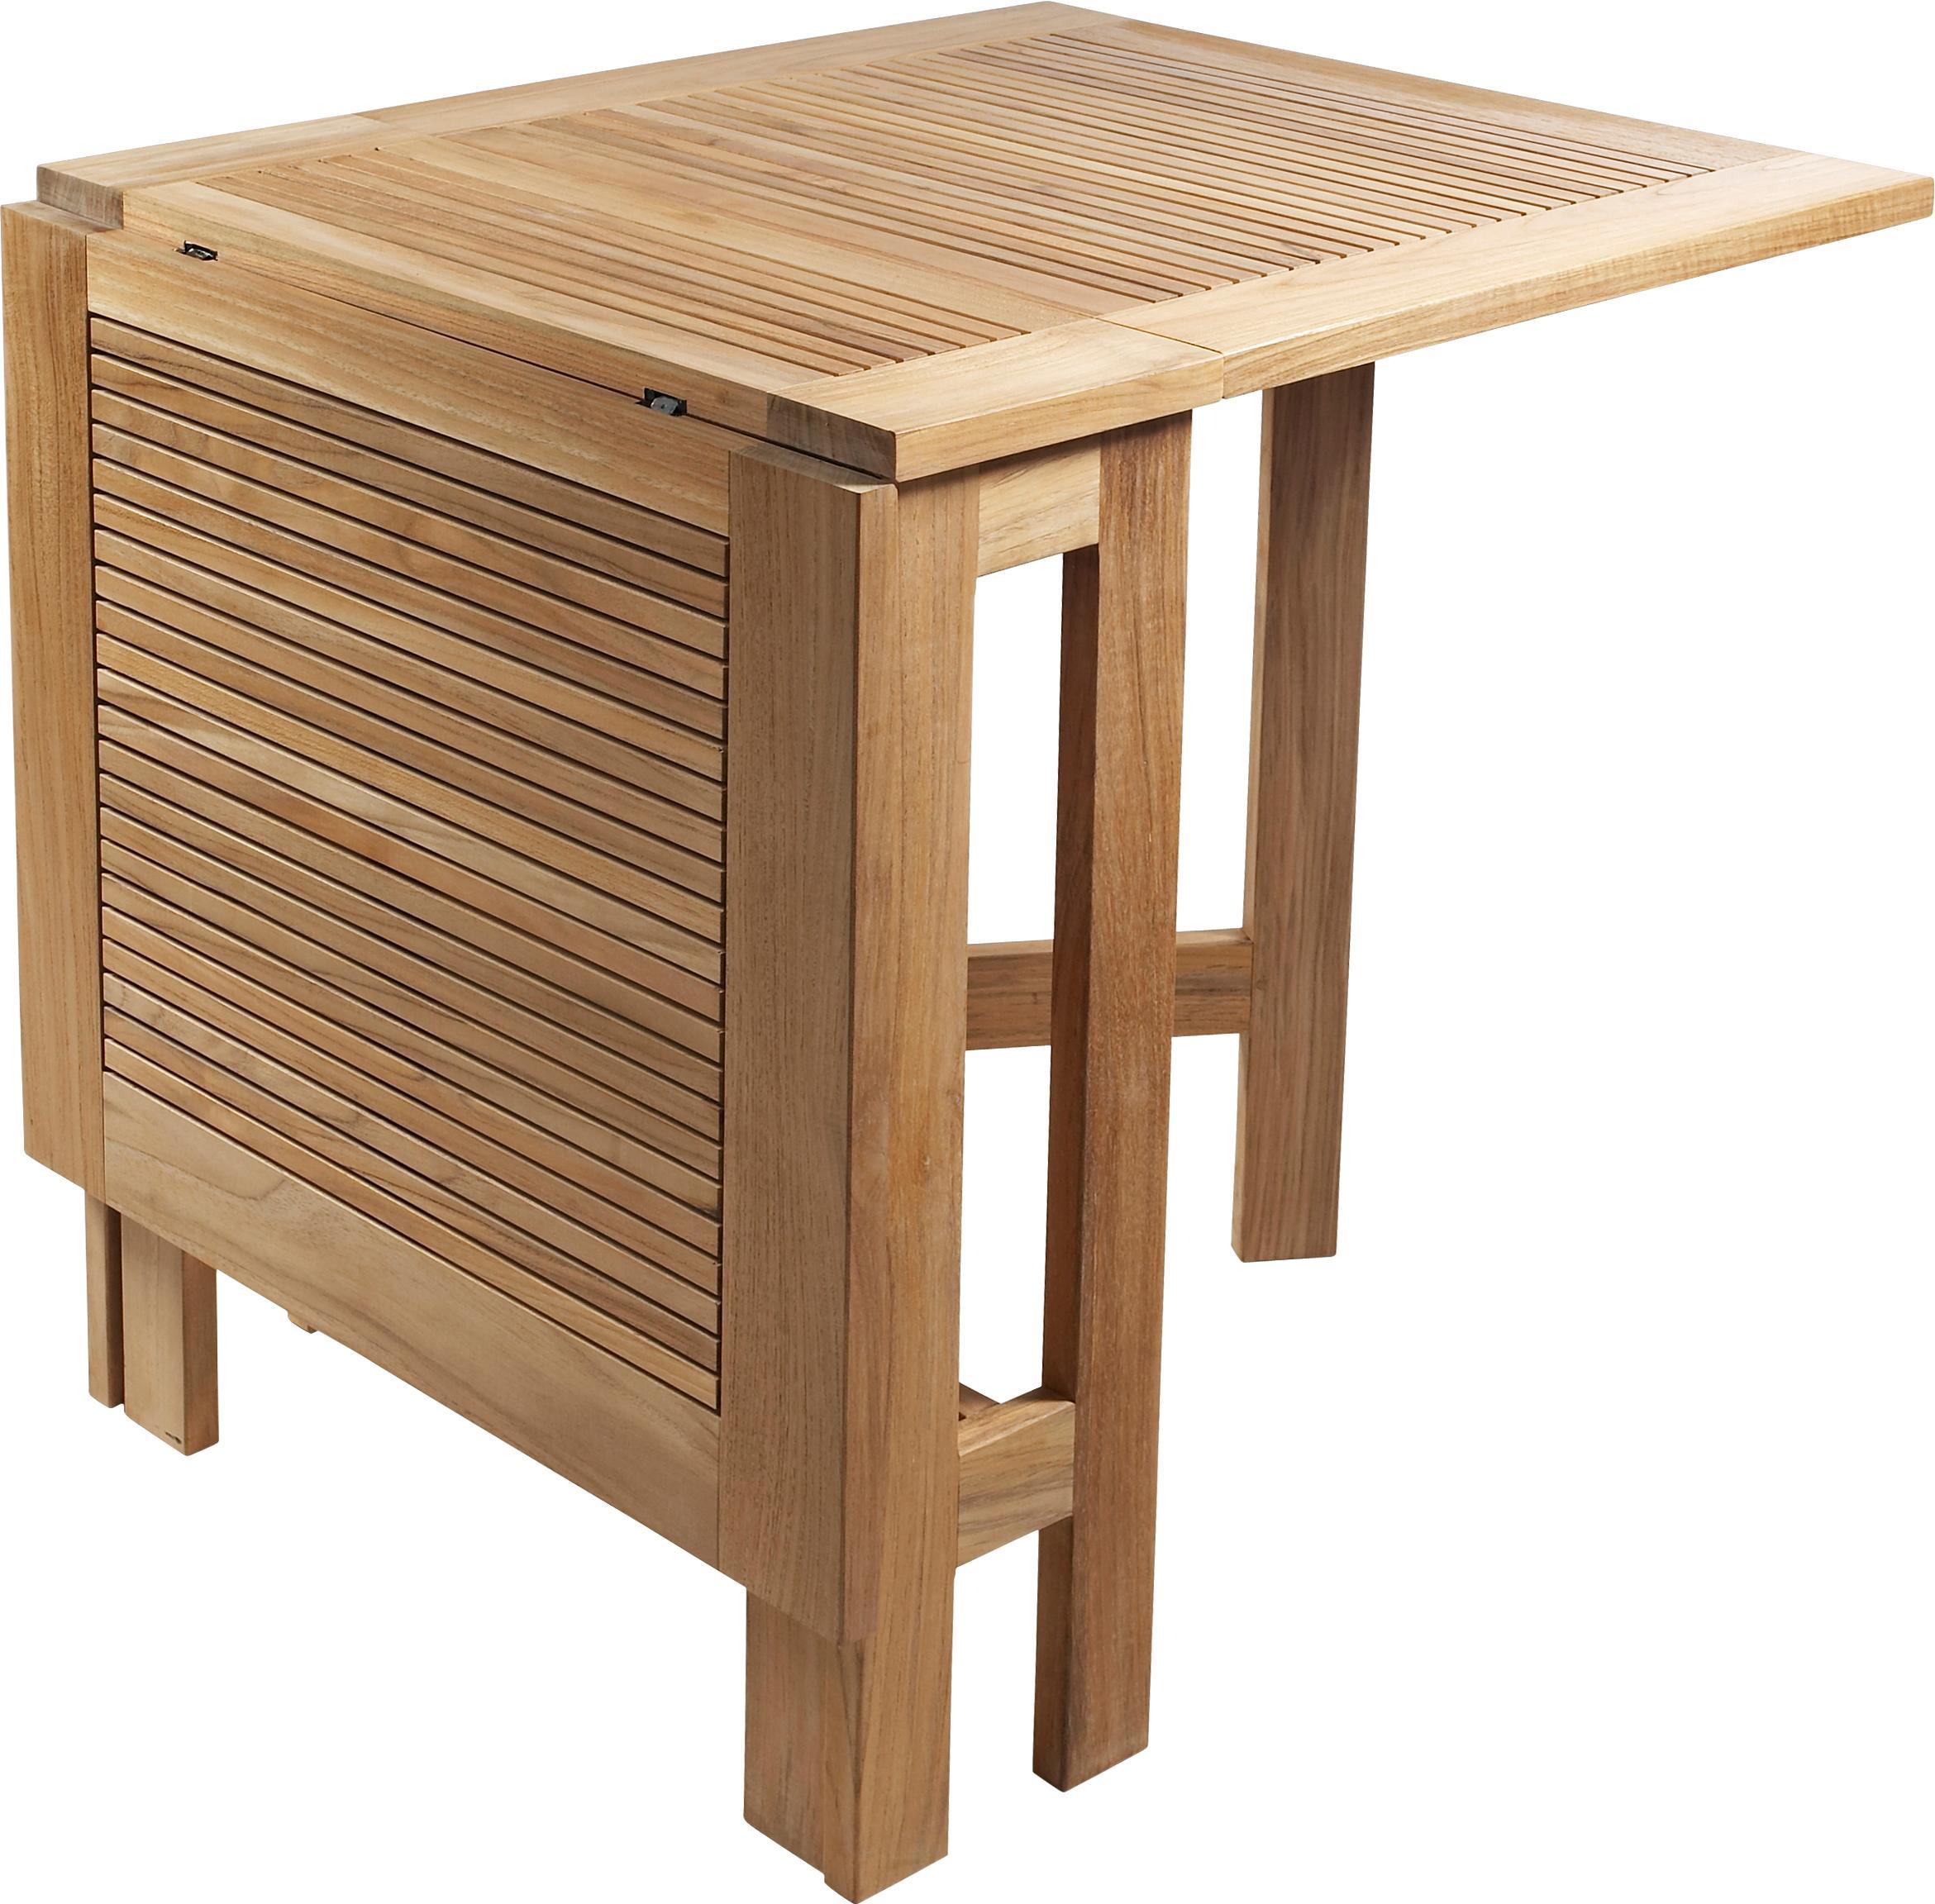 Stół ogrodowy składany Butterfly, Drewno tekowe, piaskowane, Drewno tekowe, S 130 x W 72 cm